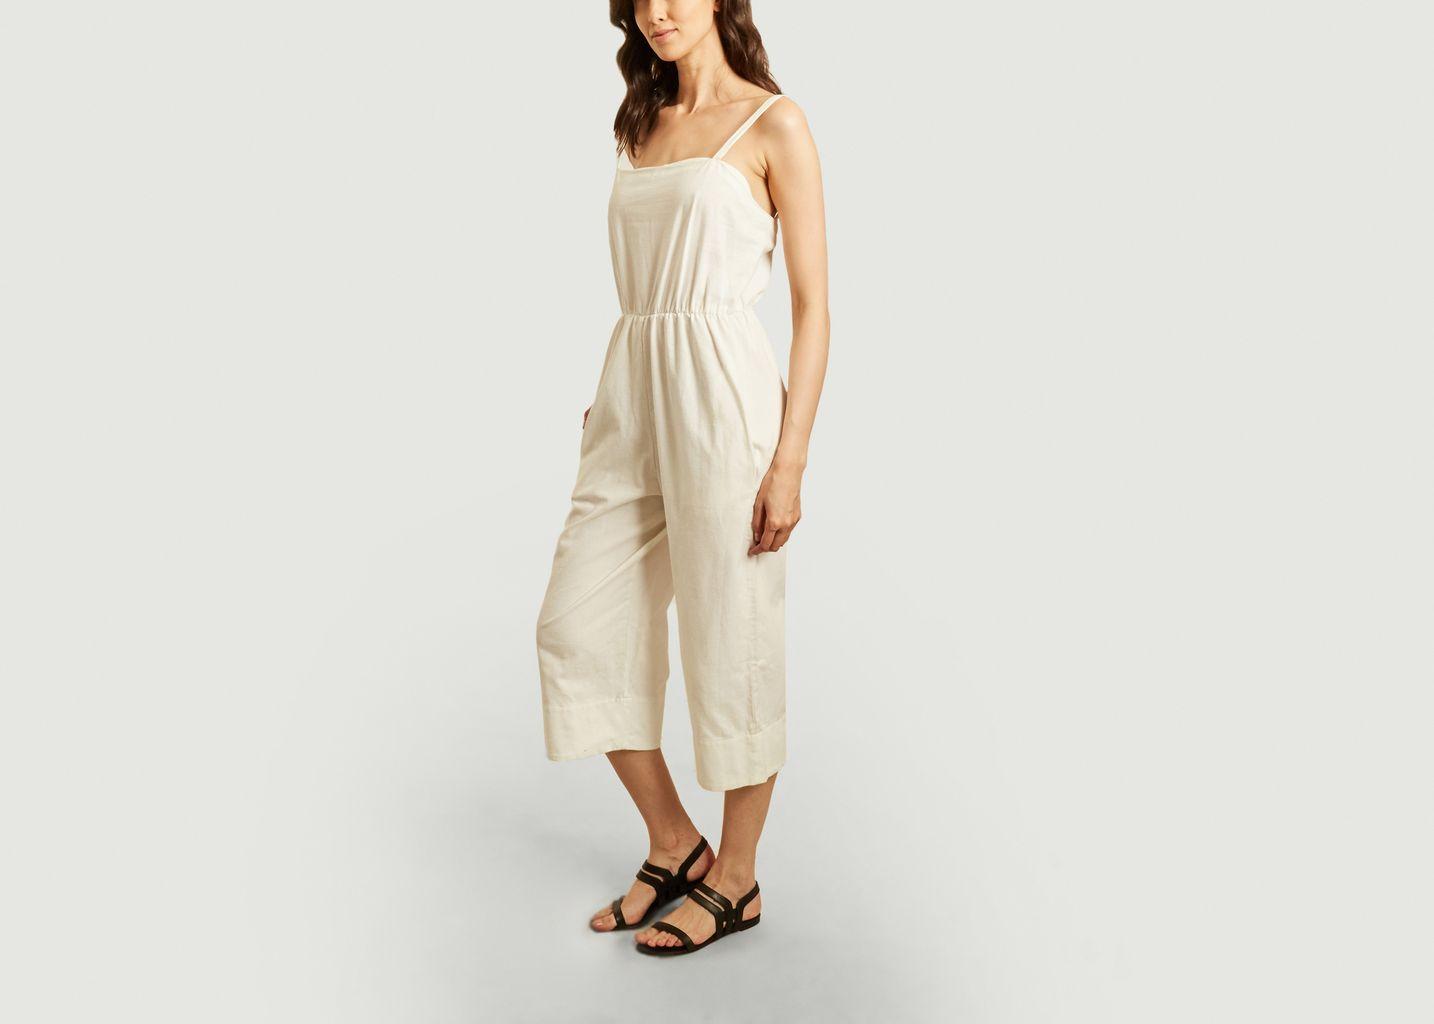 Combinaison pantalon Nicoletta - Gaëlle constantini